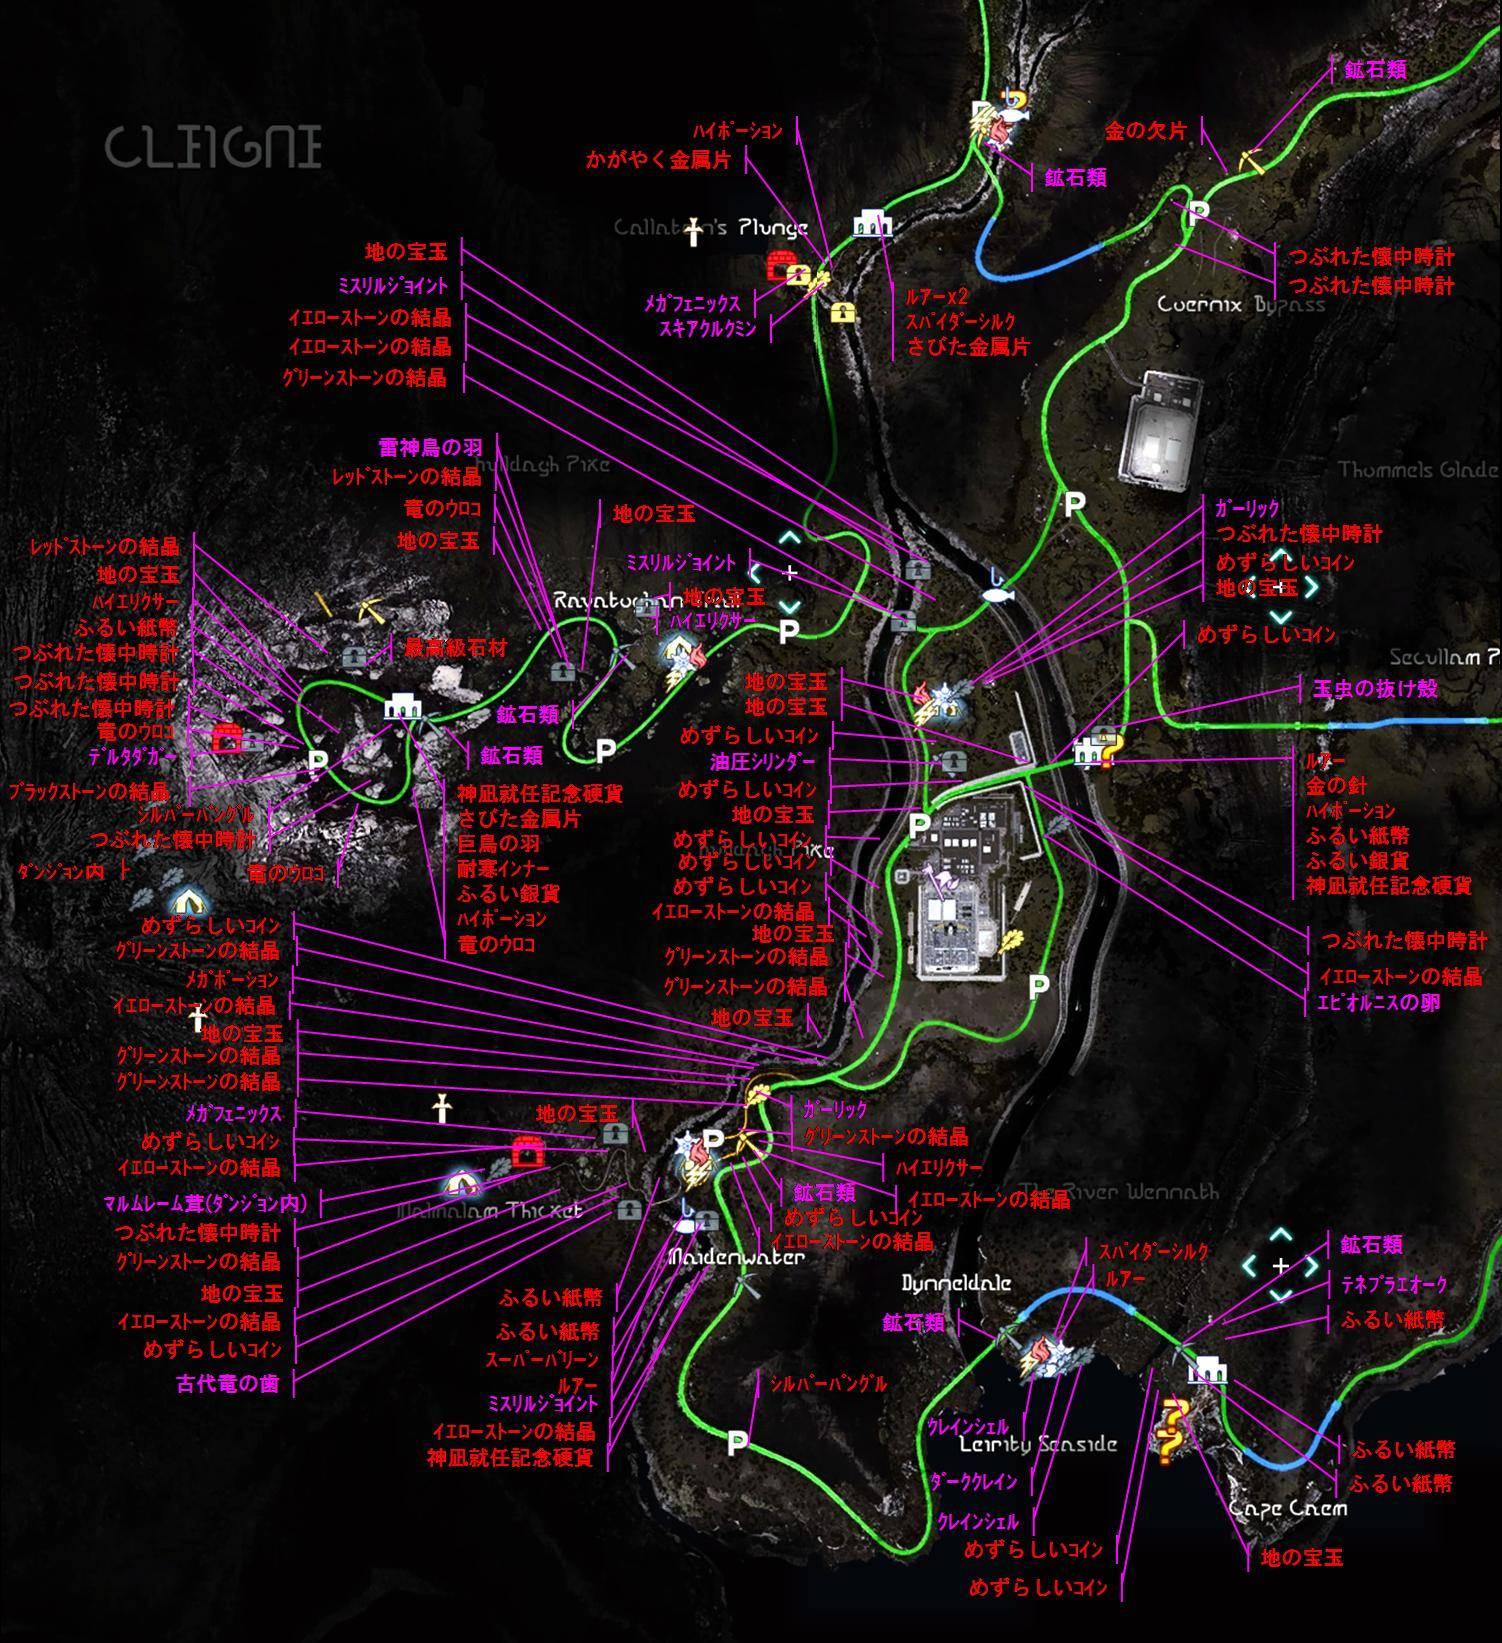 ファイナルファンタジーXV FinalfantasyXV プレイ日記 攻略 クレイン地方全域 山採集 マップ MAP アイテム:トレジャー スポット